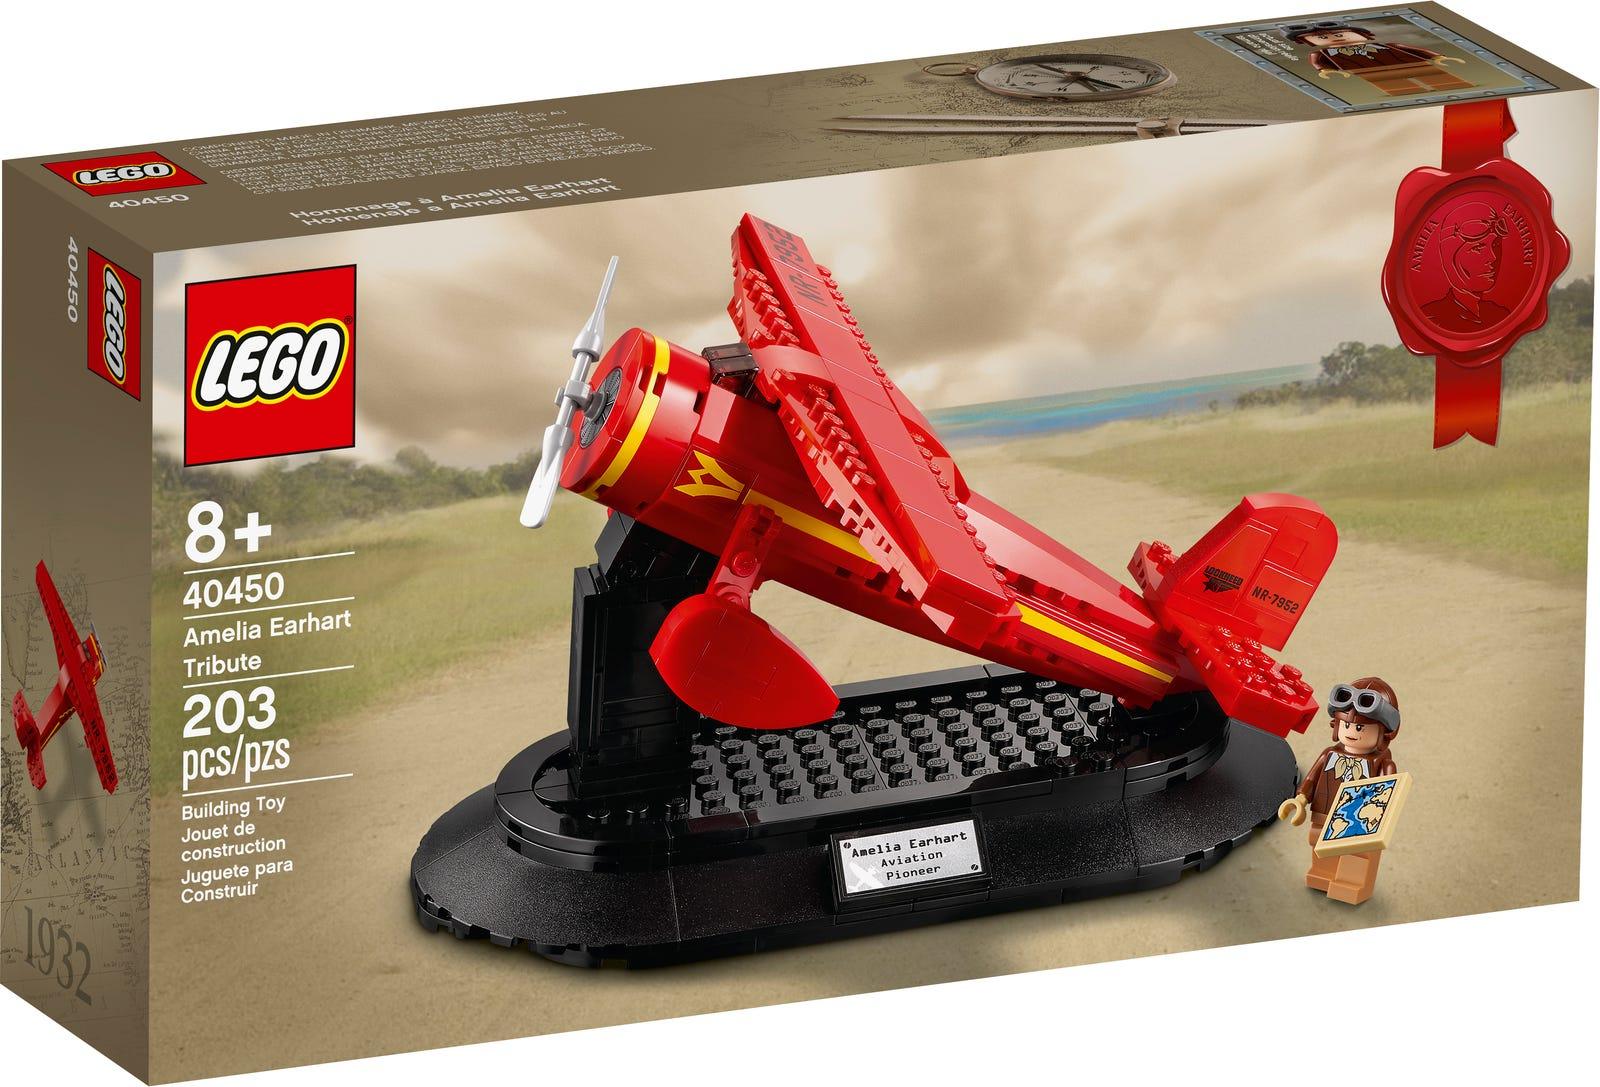 Jeu de construction Lego Hommage à Amelia Earhart (40450) offert dès 100€ d'achat